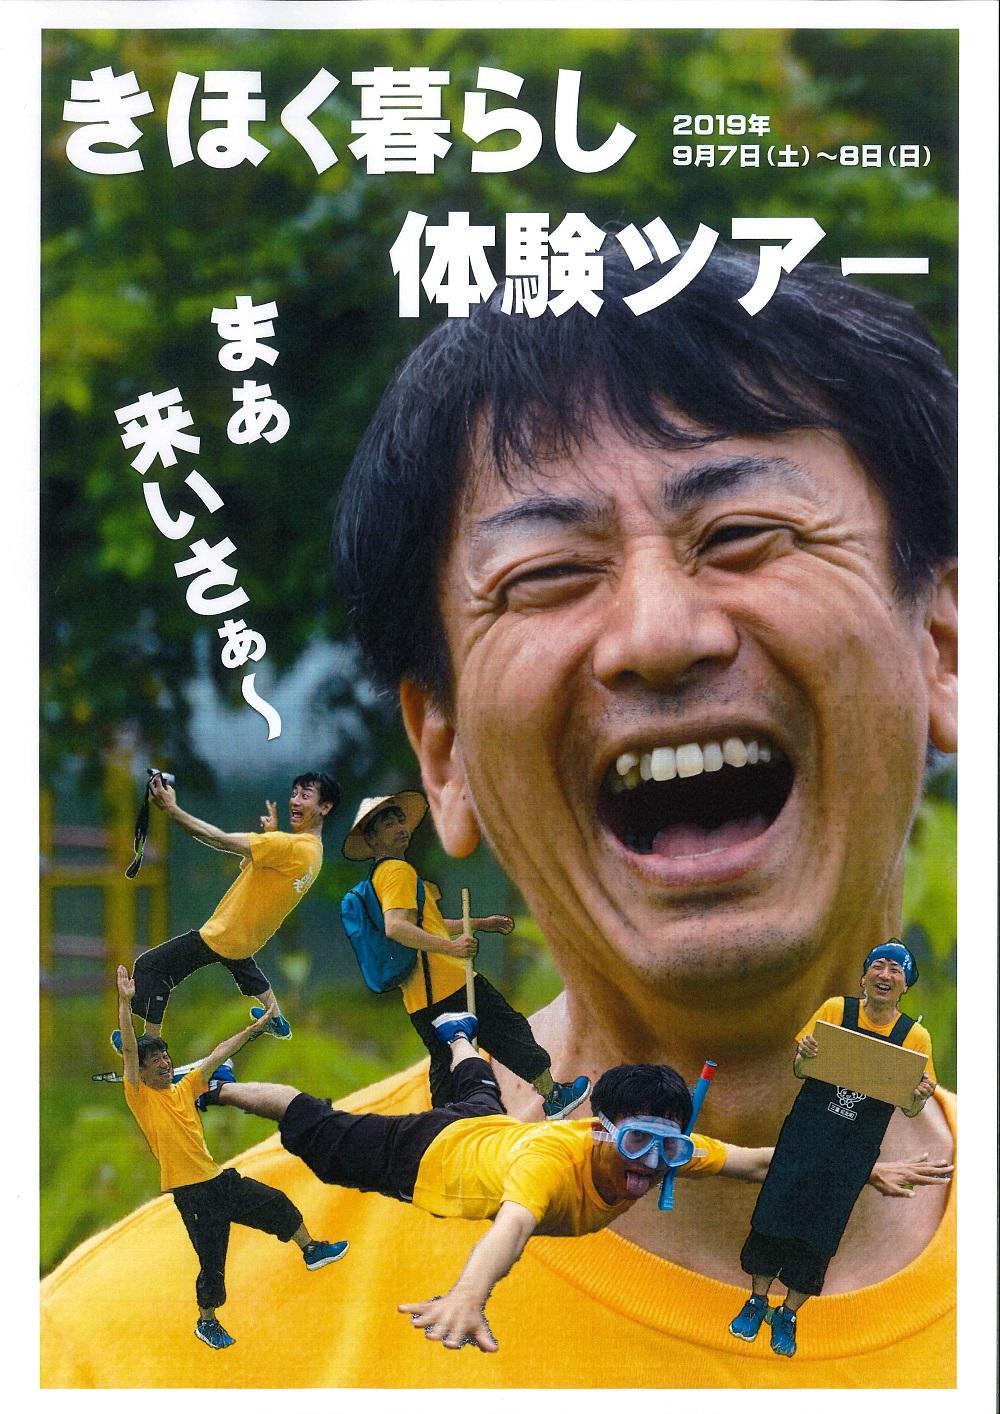 【9/7(土)~9/8(日)@紀北町】きほく暮らし体験ツアーを実施します。_写真1